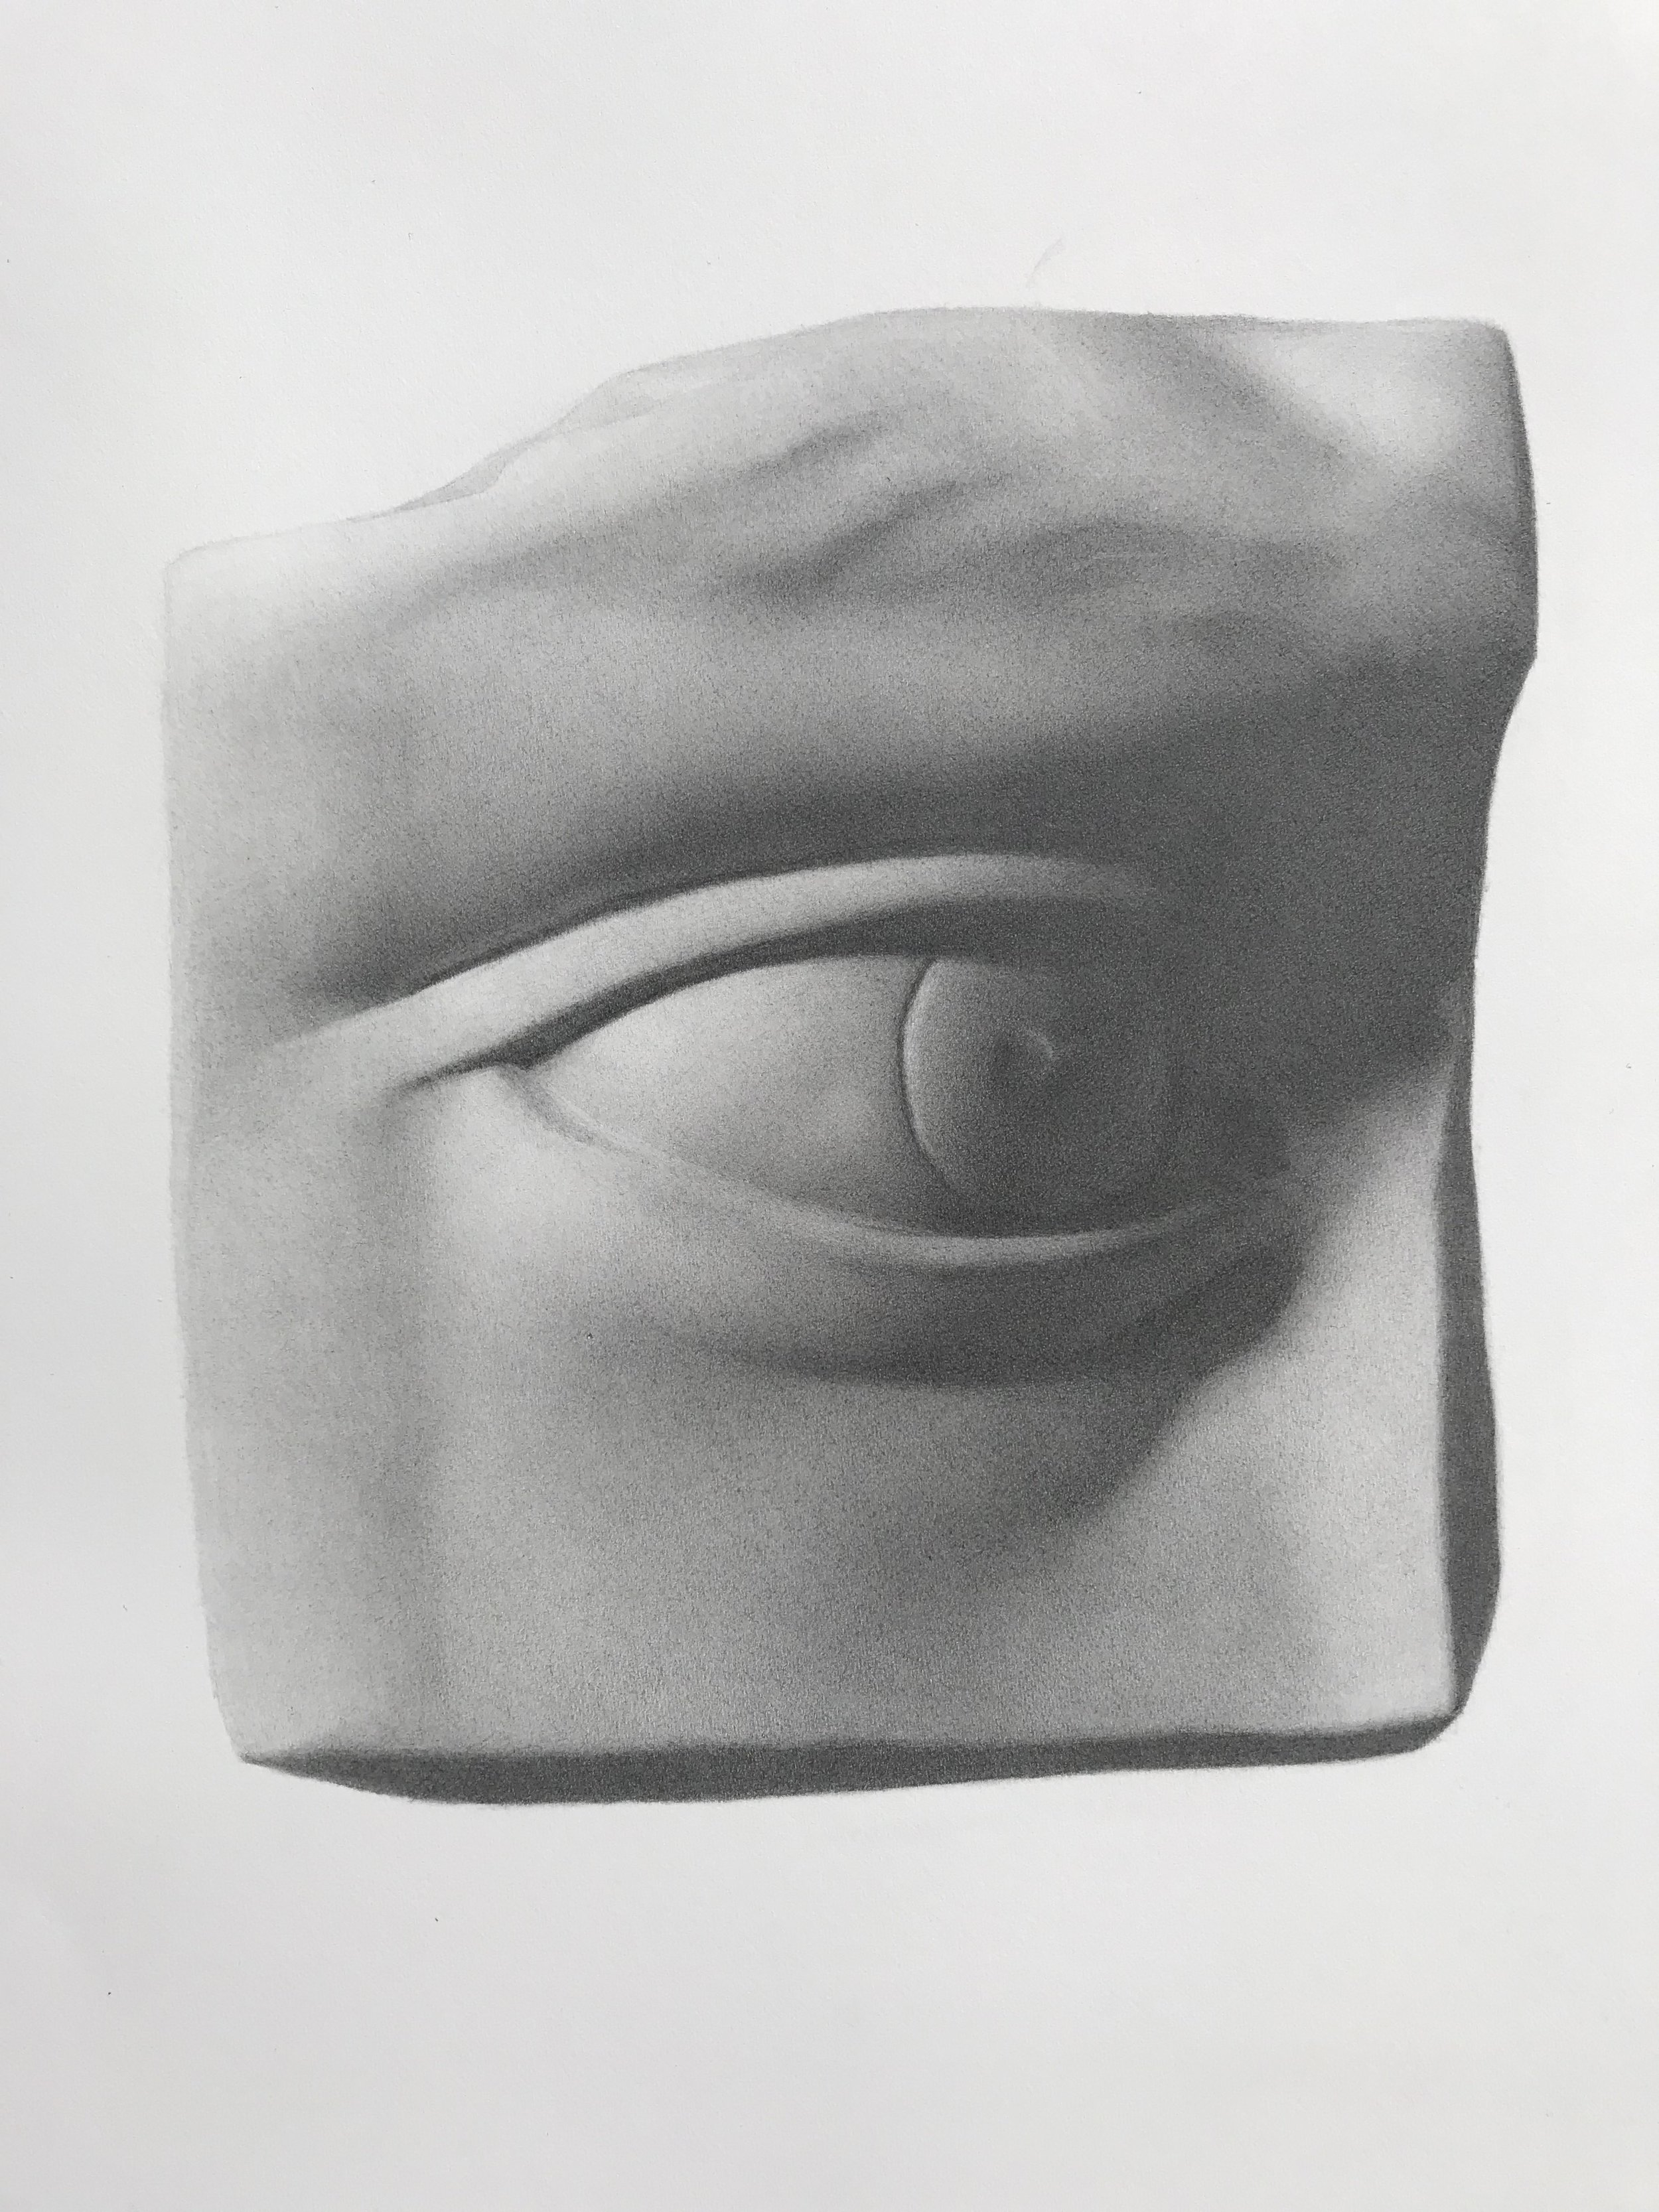 eye_cast.JPG